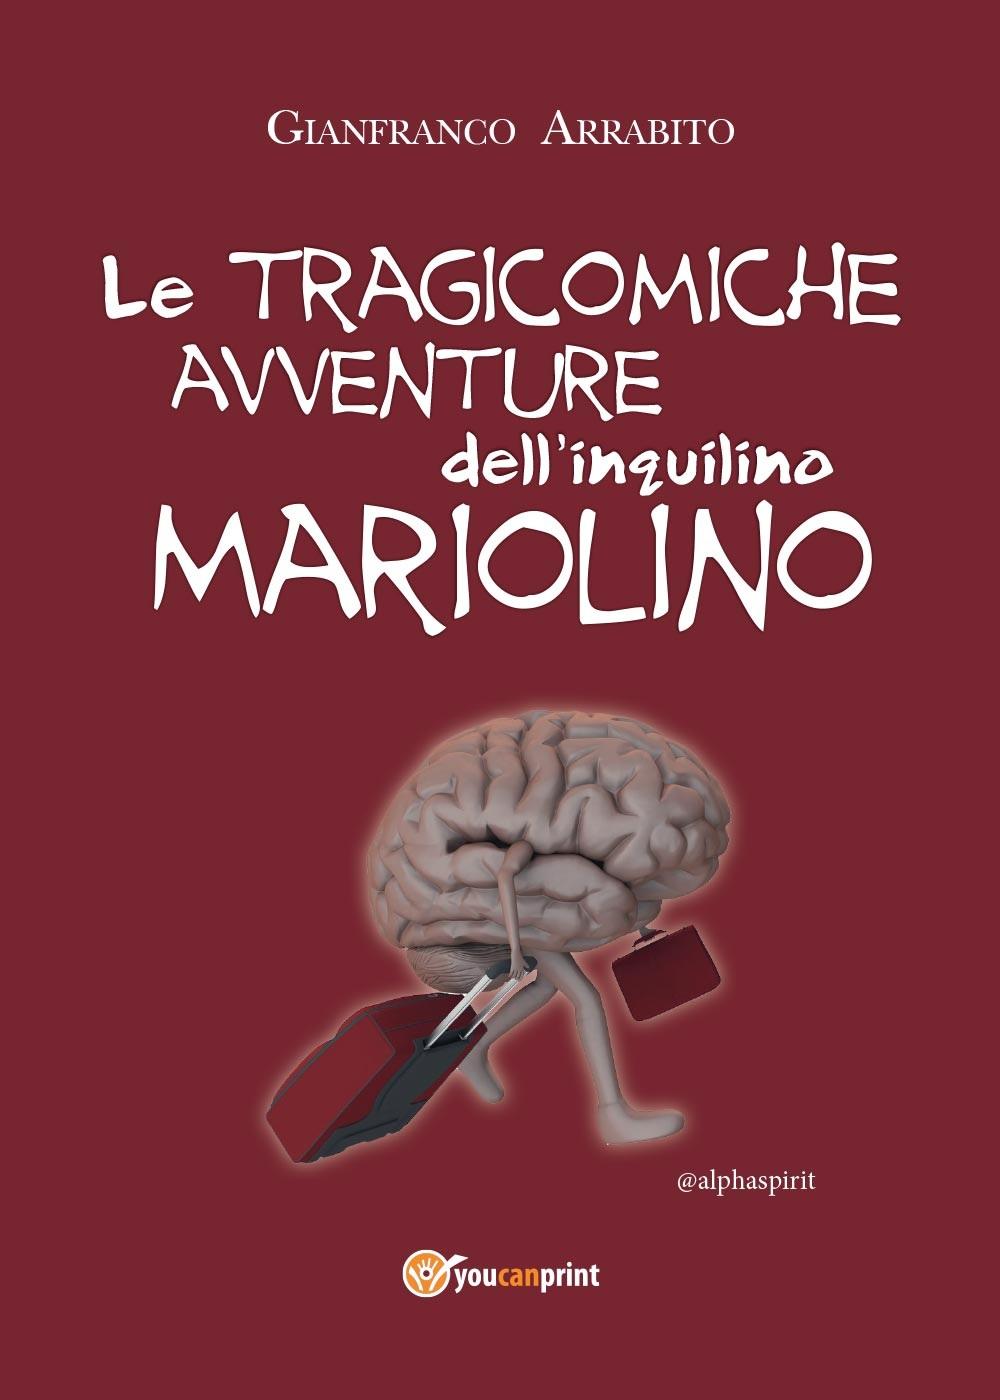 LE TRAGICOMICHE AVVENTURE DELL'INQUILINO MARIOLINO